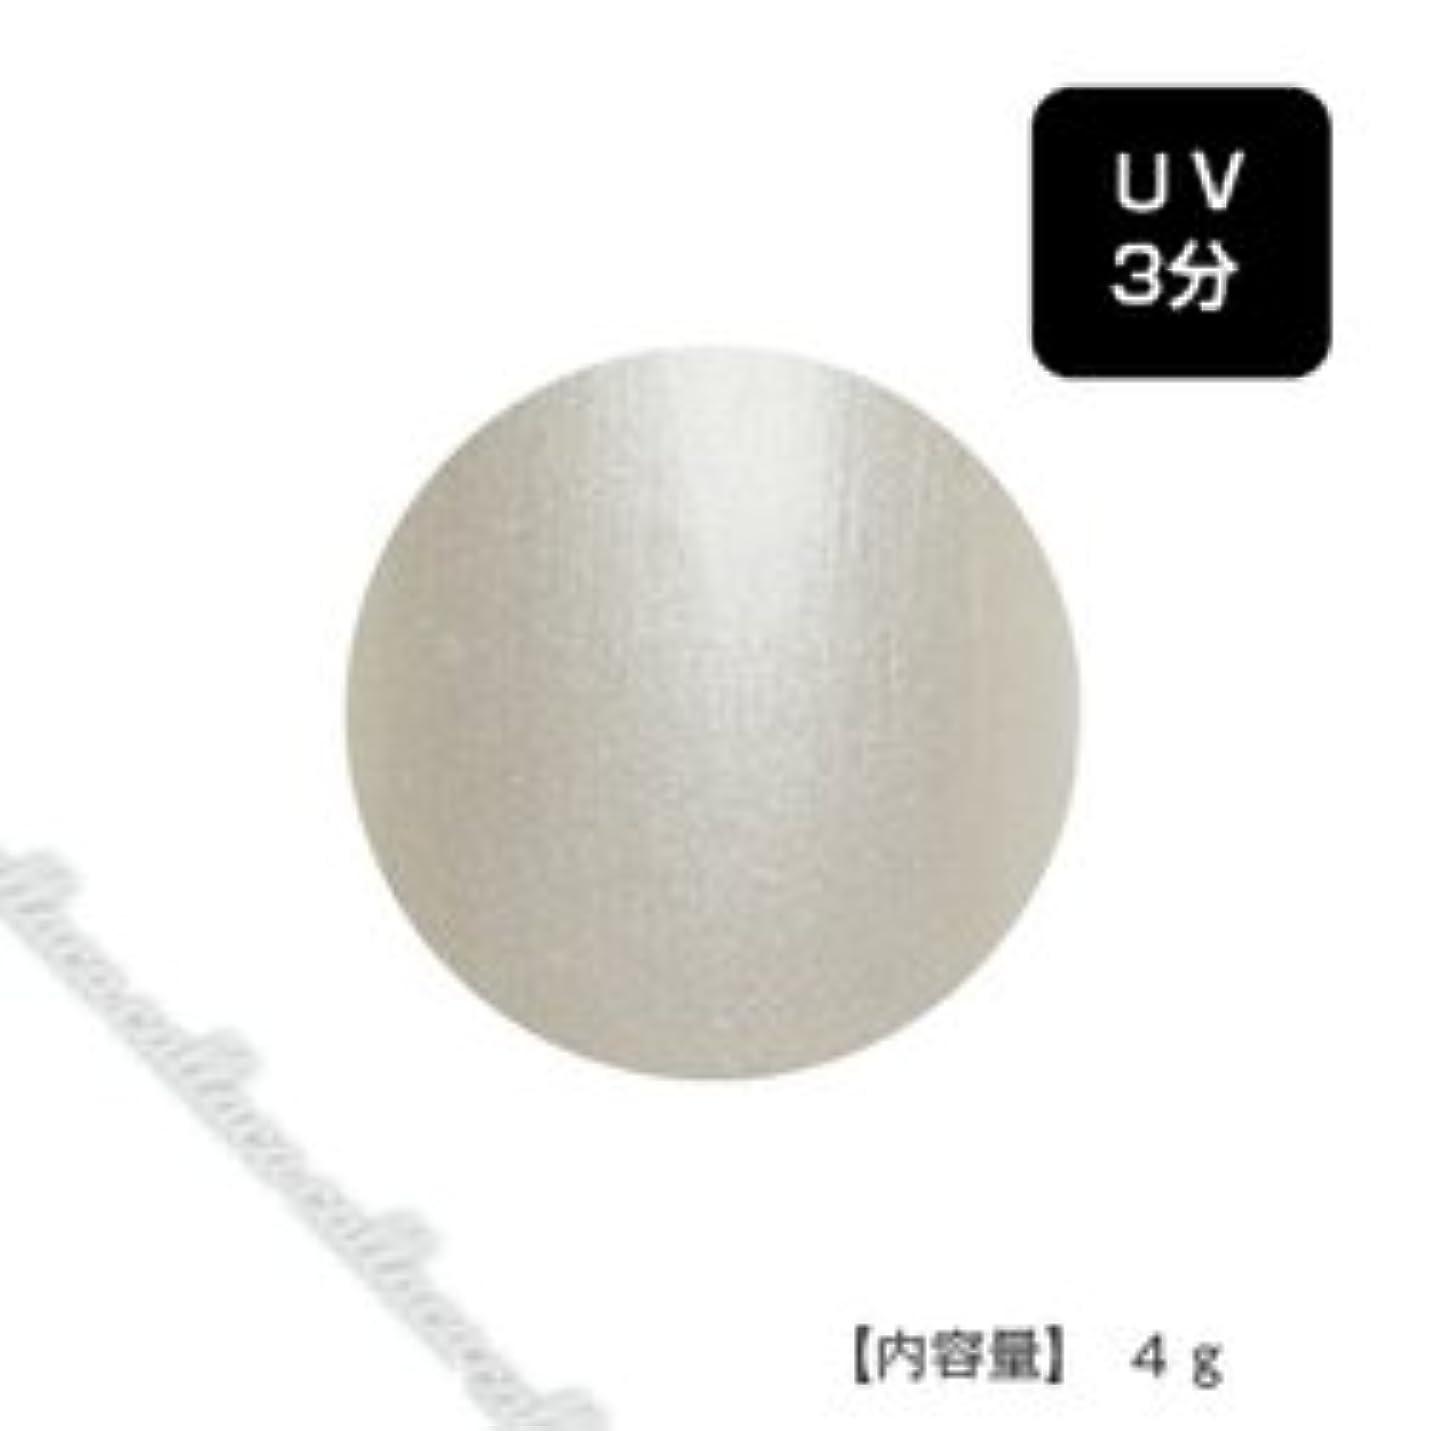 取り出す伝統的本当にカルジェル(Calgel) カラージェル 4g C カラージェル CGWH03S シルキーホワイト